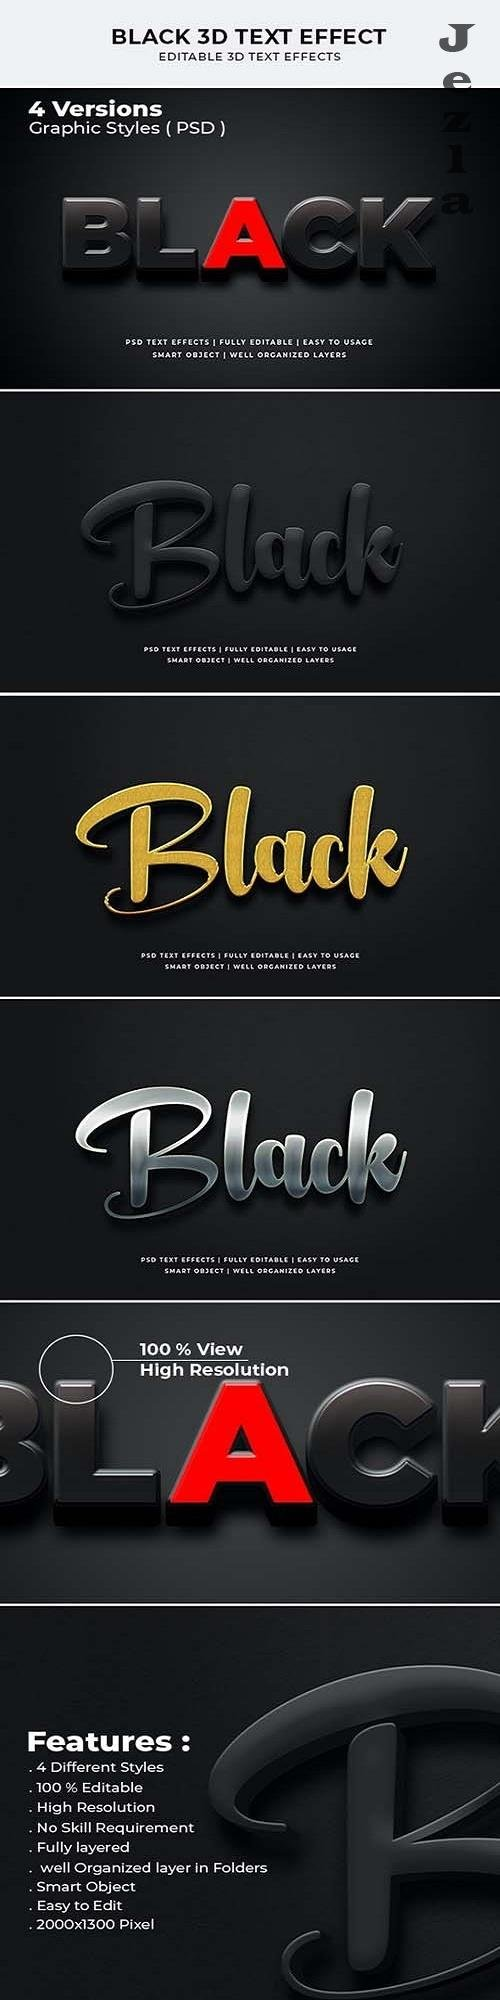 Black 3d Text Effect 27670438